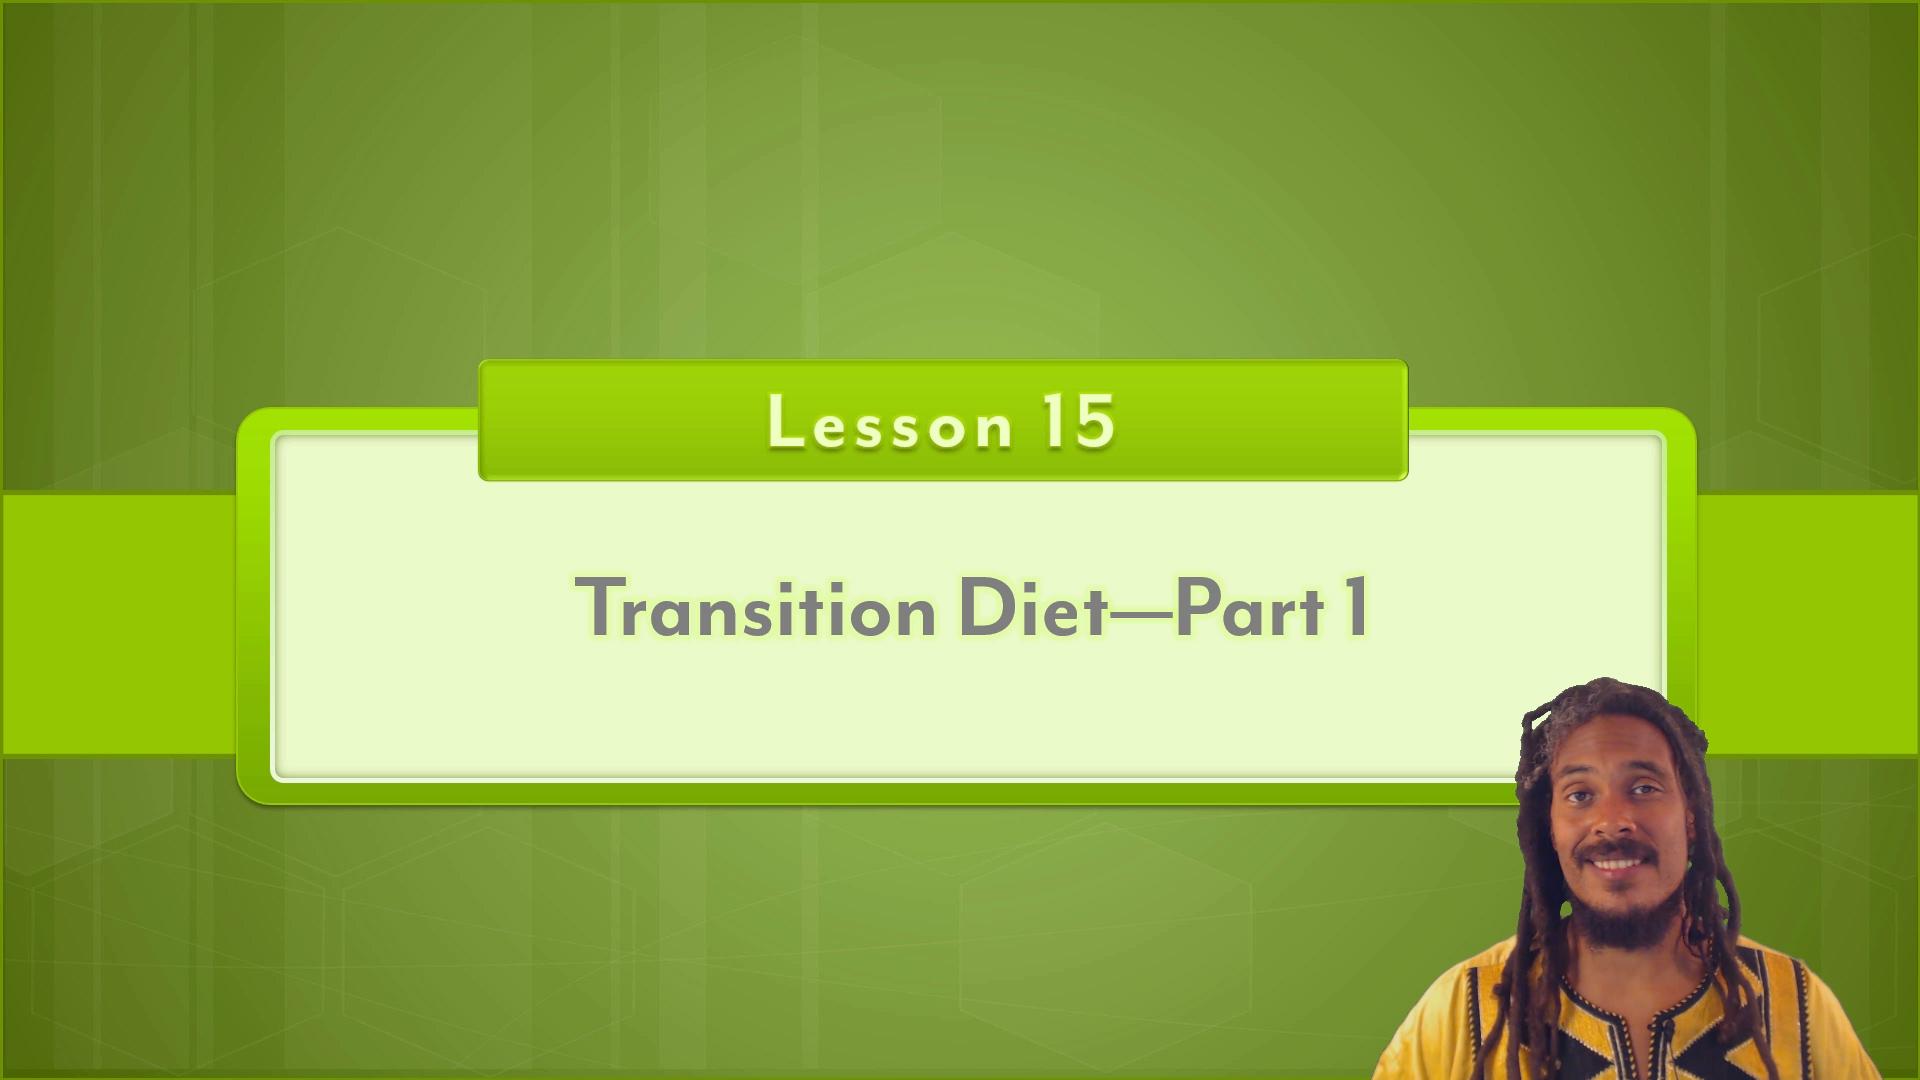 Transition Diet